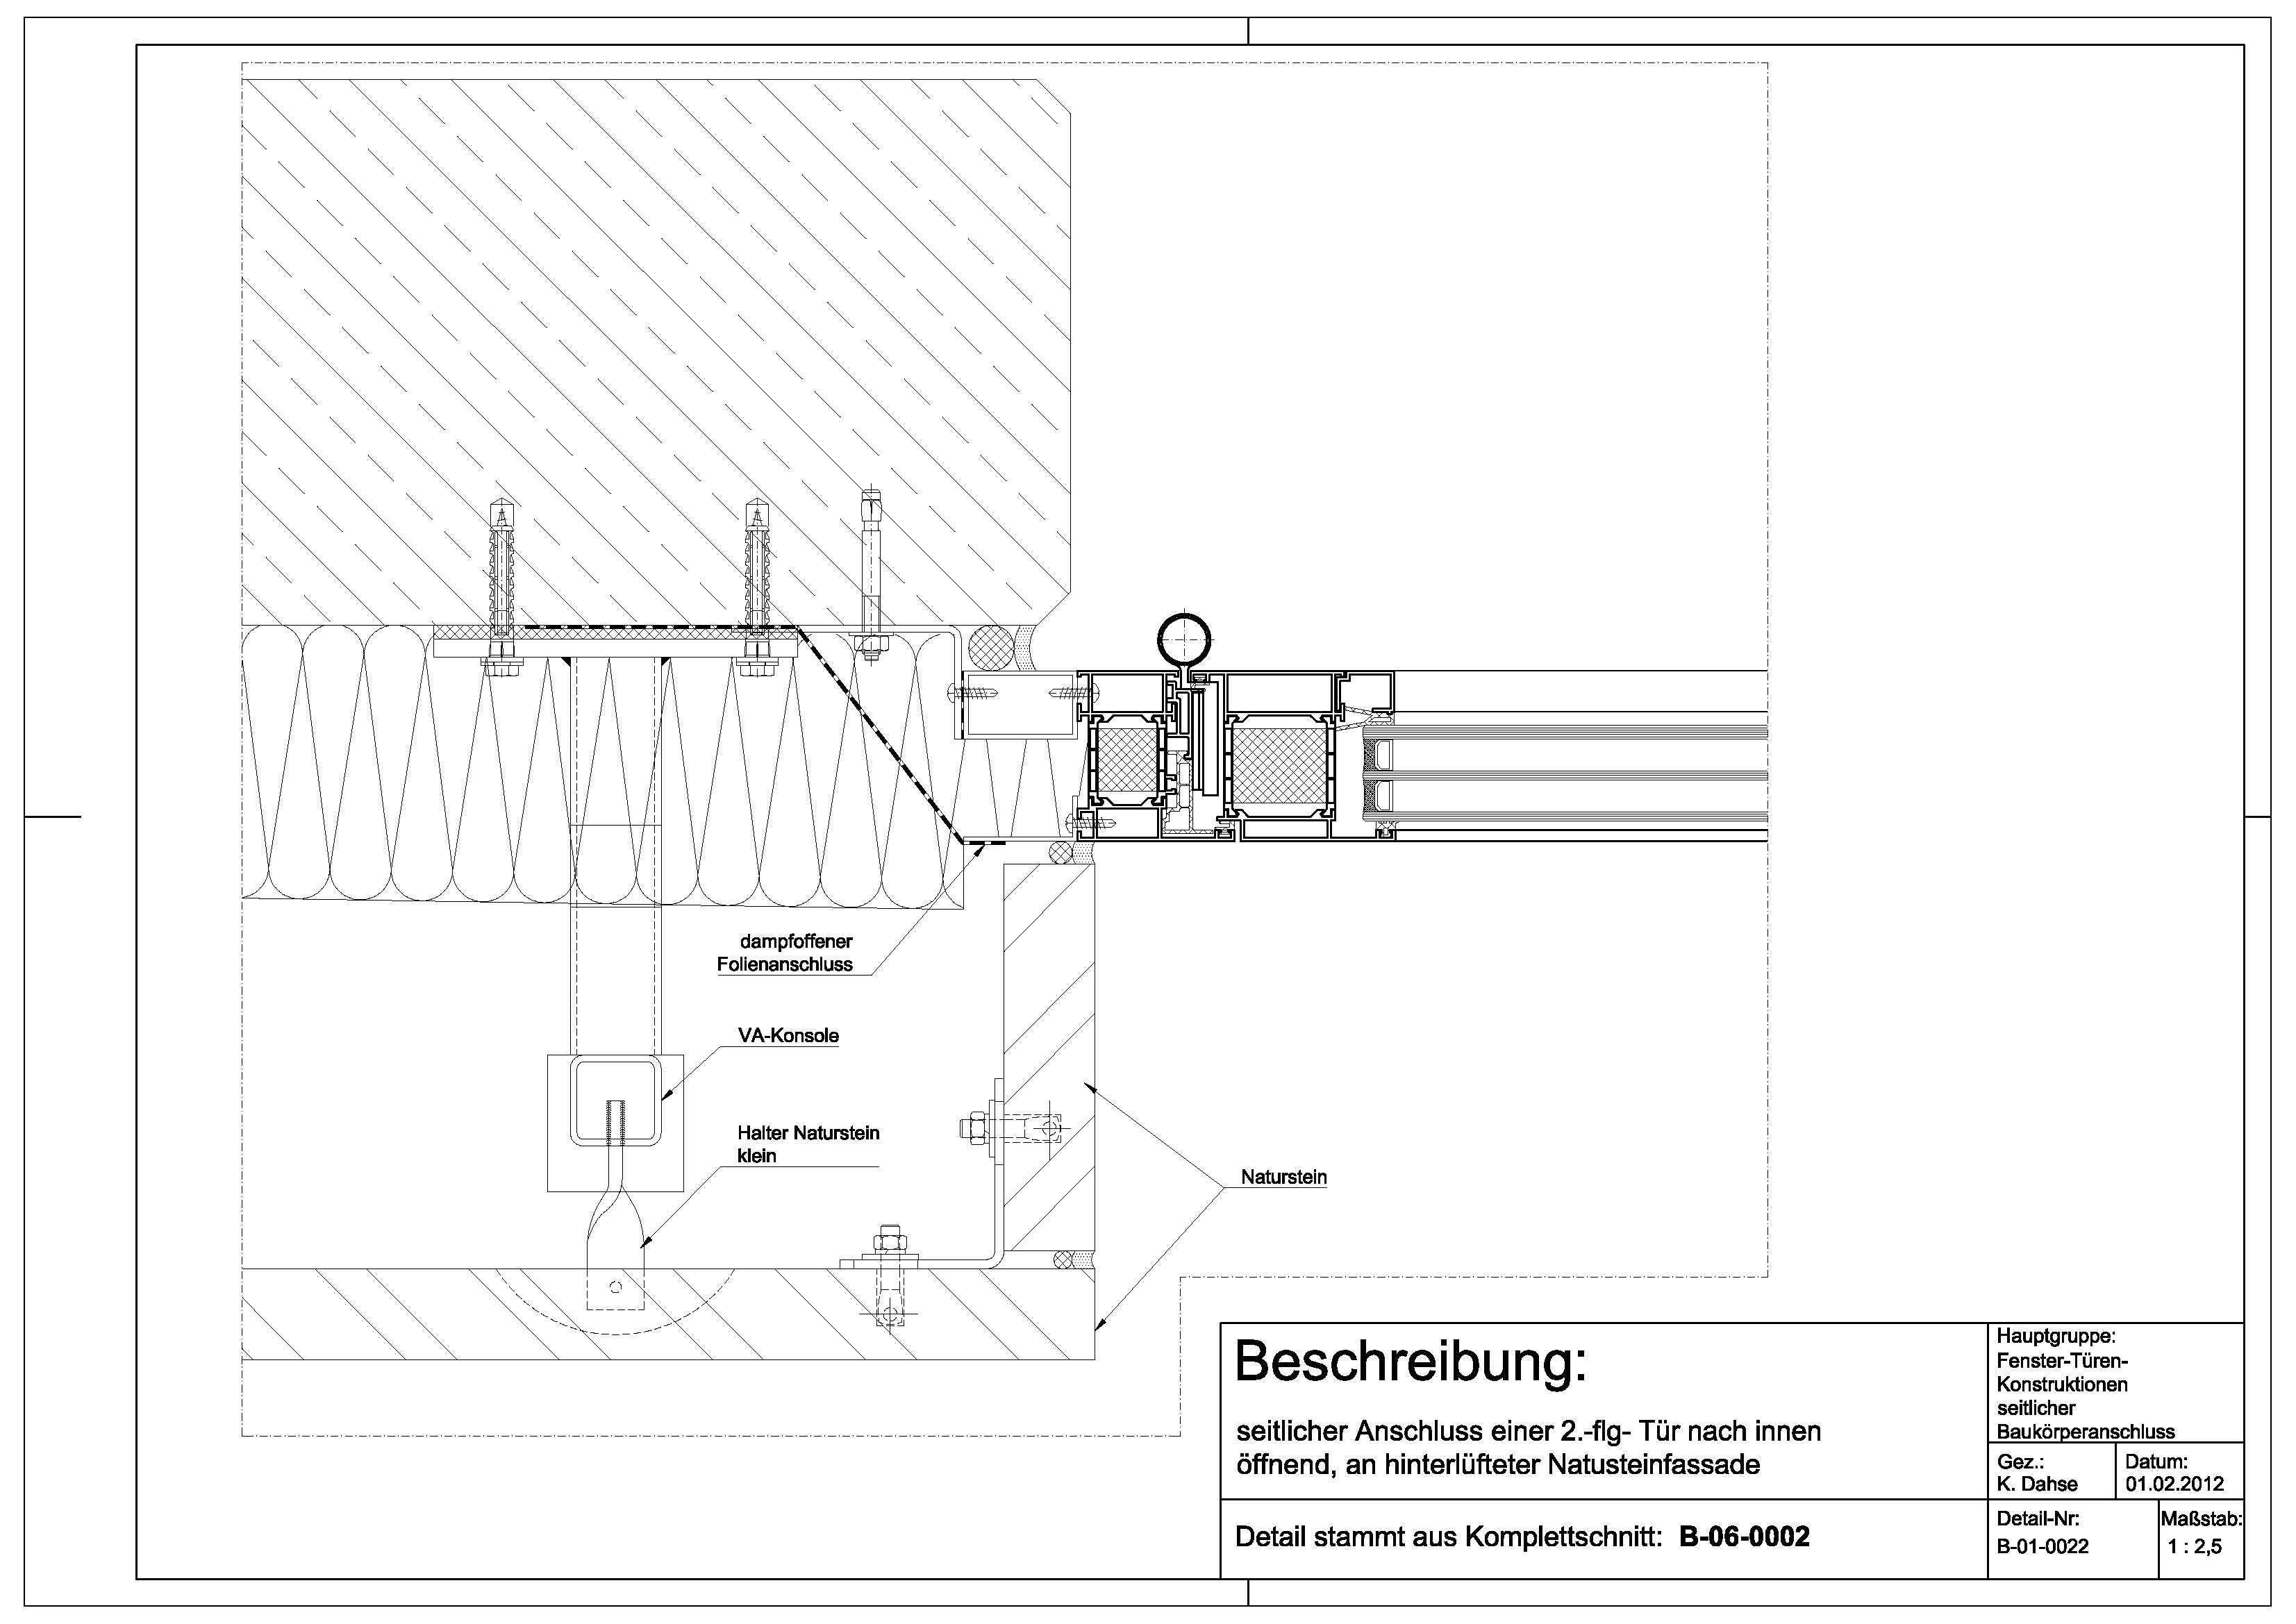 Tür detail anschluss  B-01-0022 Anschluss einer 2.flg.-Tür nach innen öffnend an ...